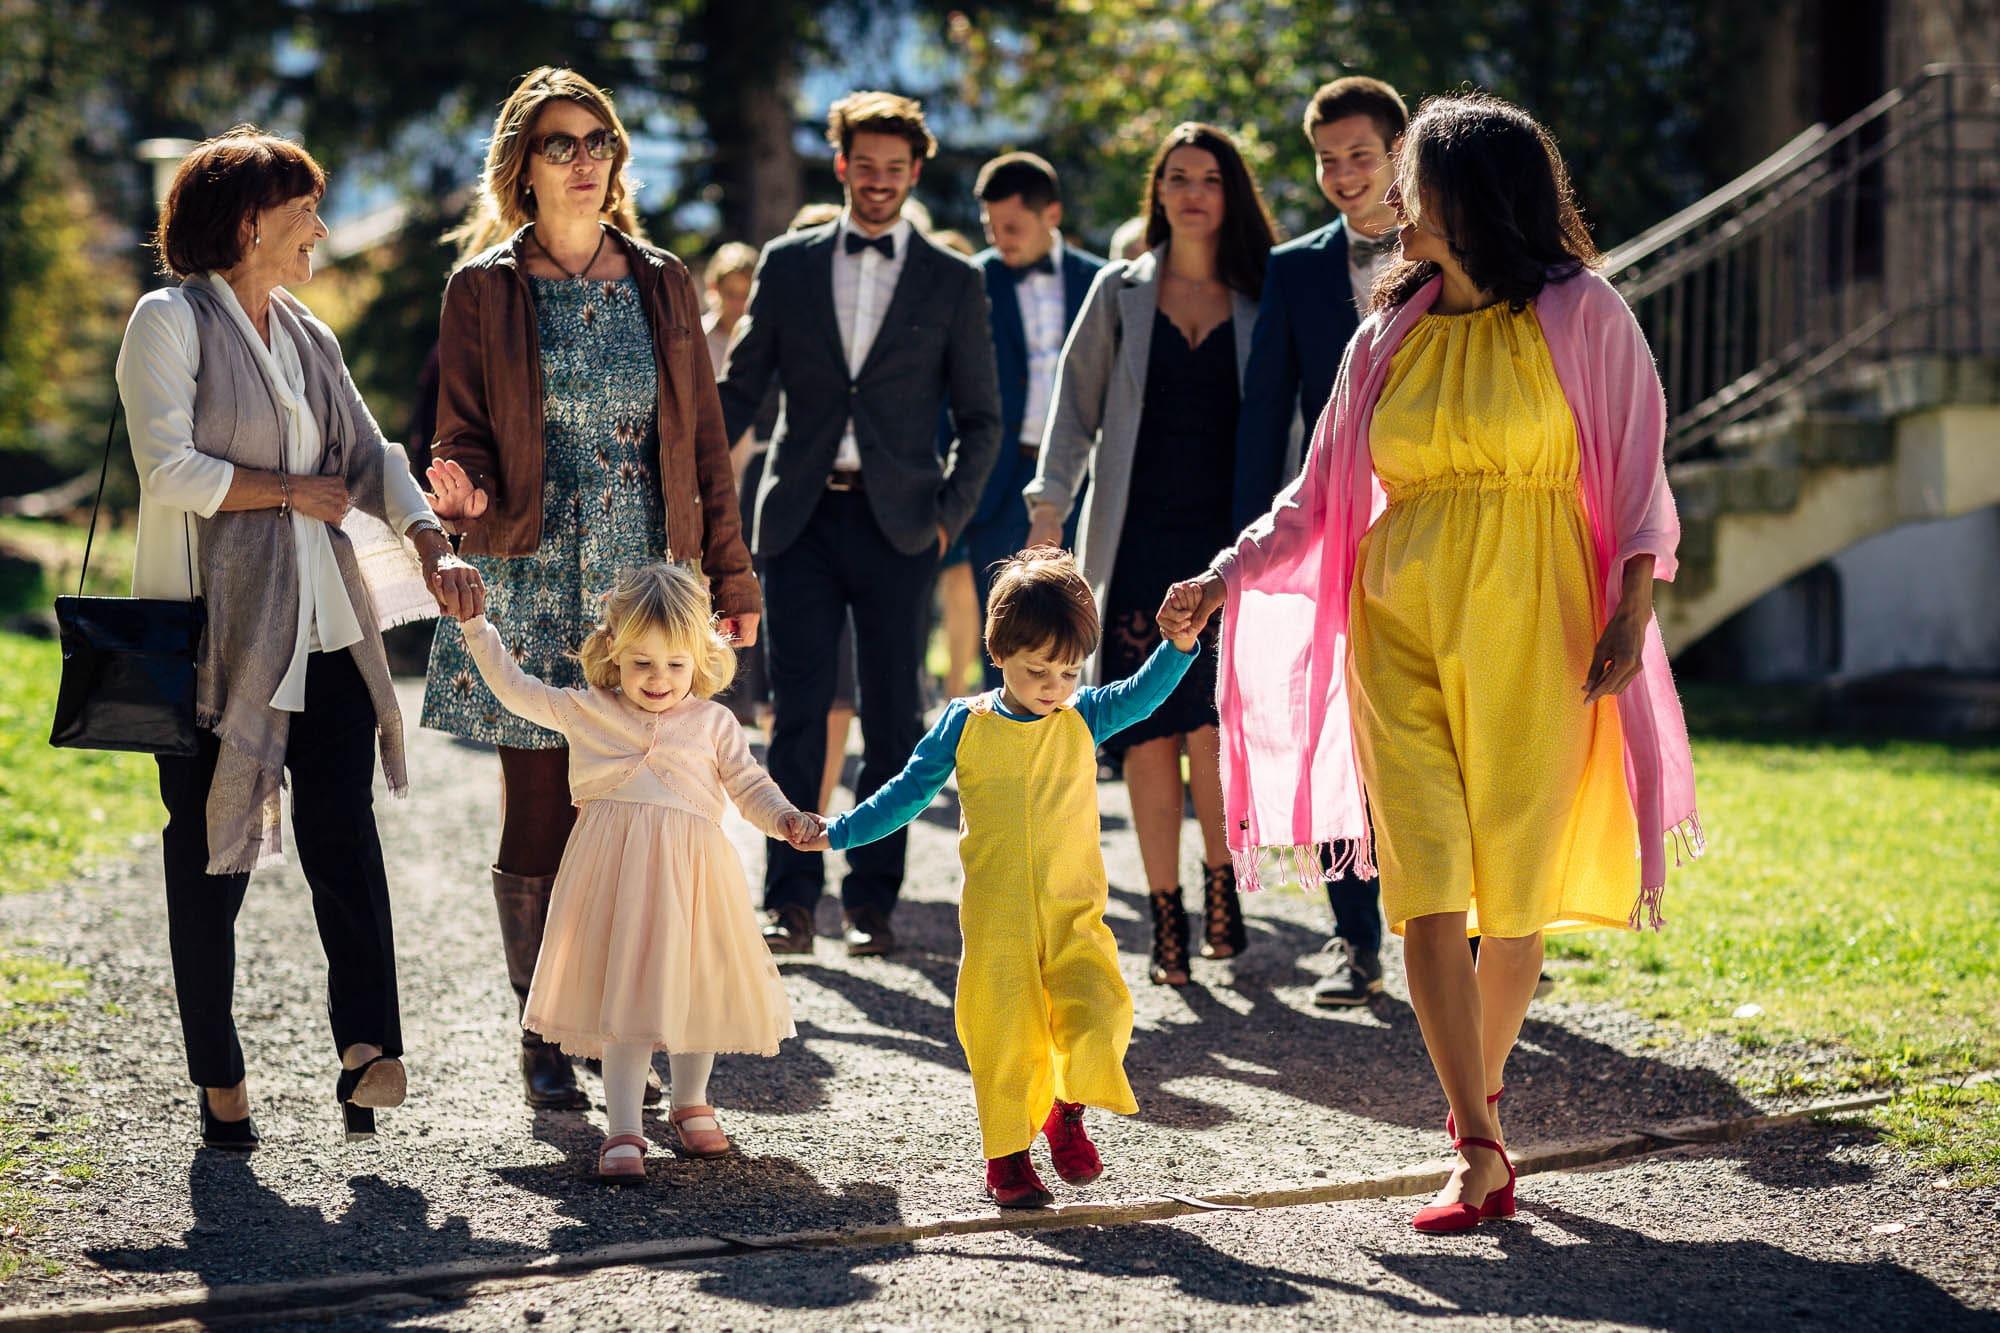 Gäste mit Kindern an der Hand gehen zur Trauung